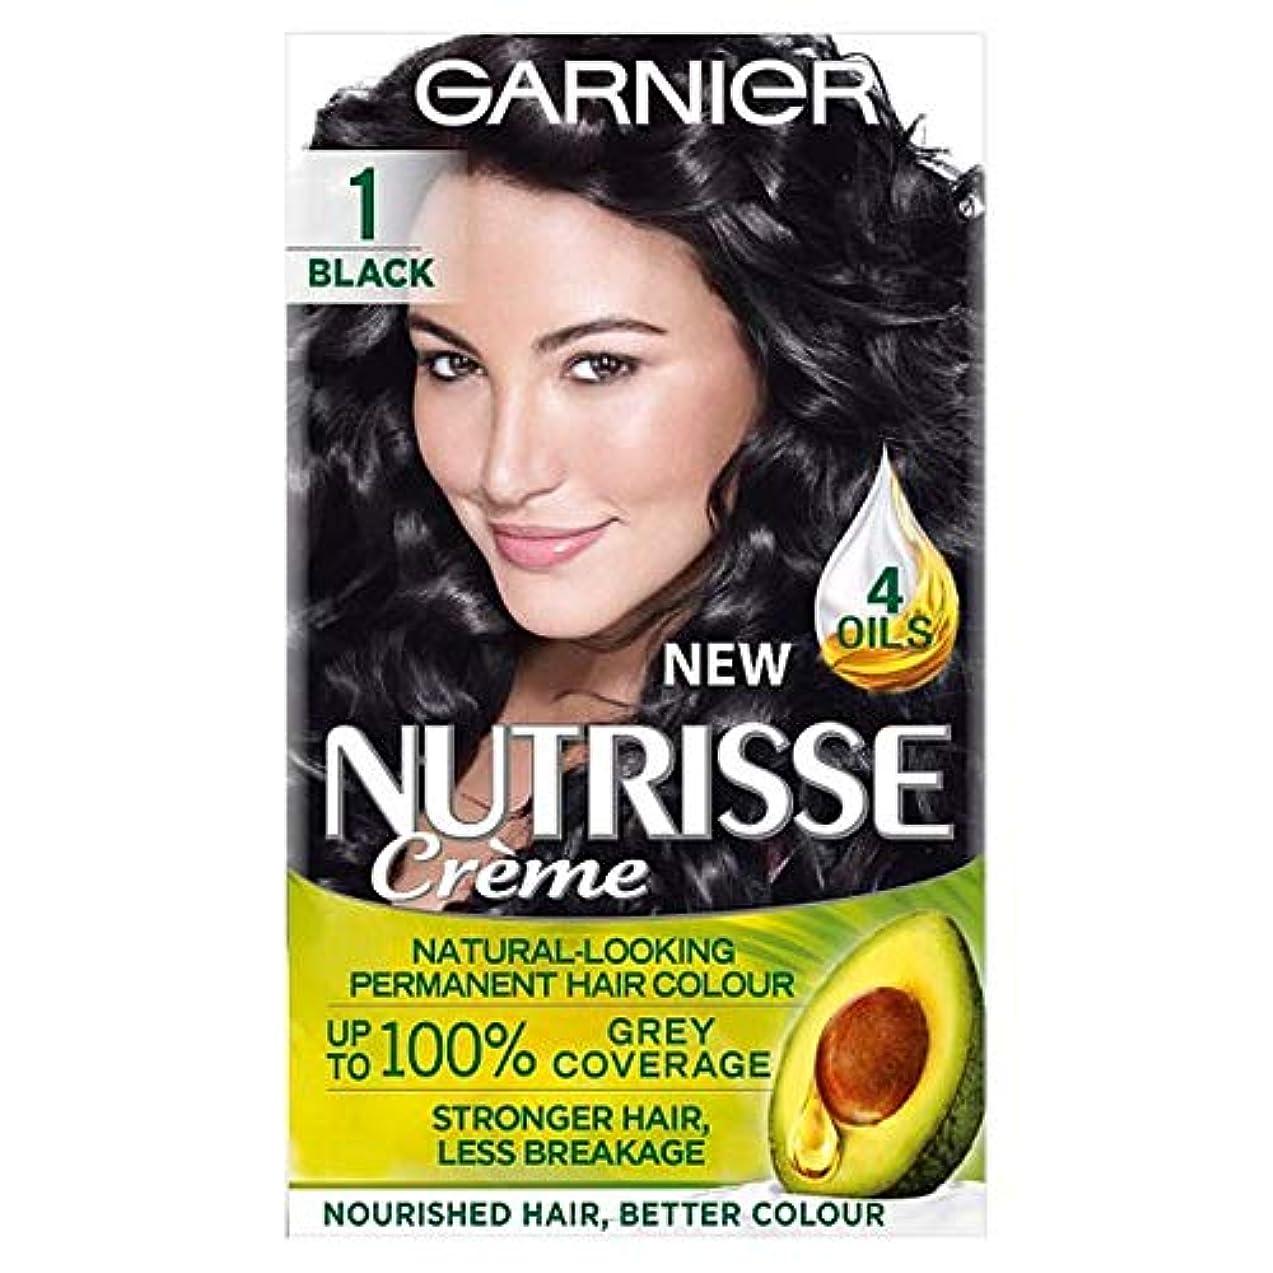 米国流出肘[Nutrisse] ガルニエNutrisse 1黒のパーマネントヘアダイ - Garnier Nutrisse 1 Black Permanent Hair Dye [並行輸入品]